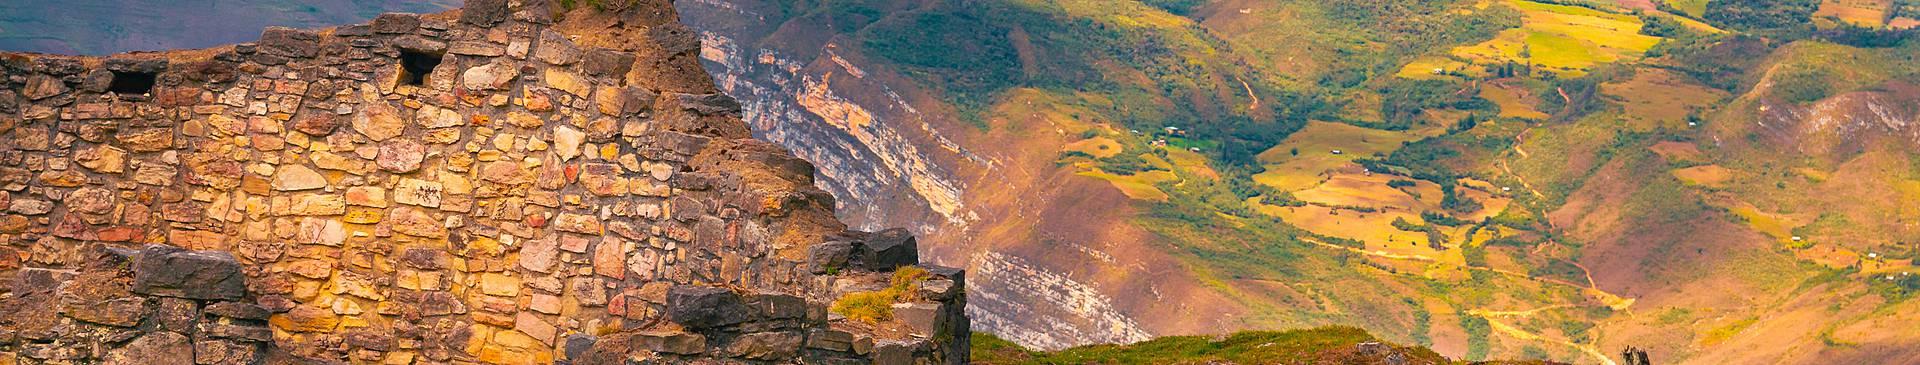 Naturreisen Peru